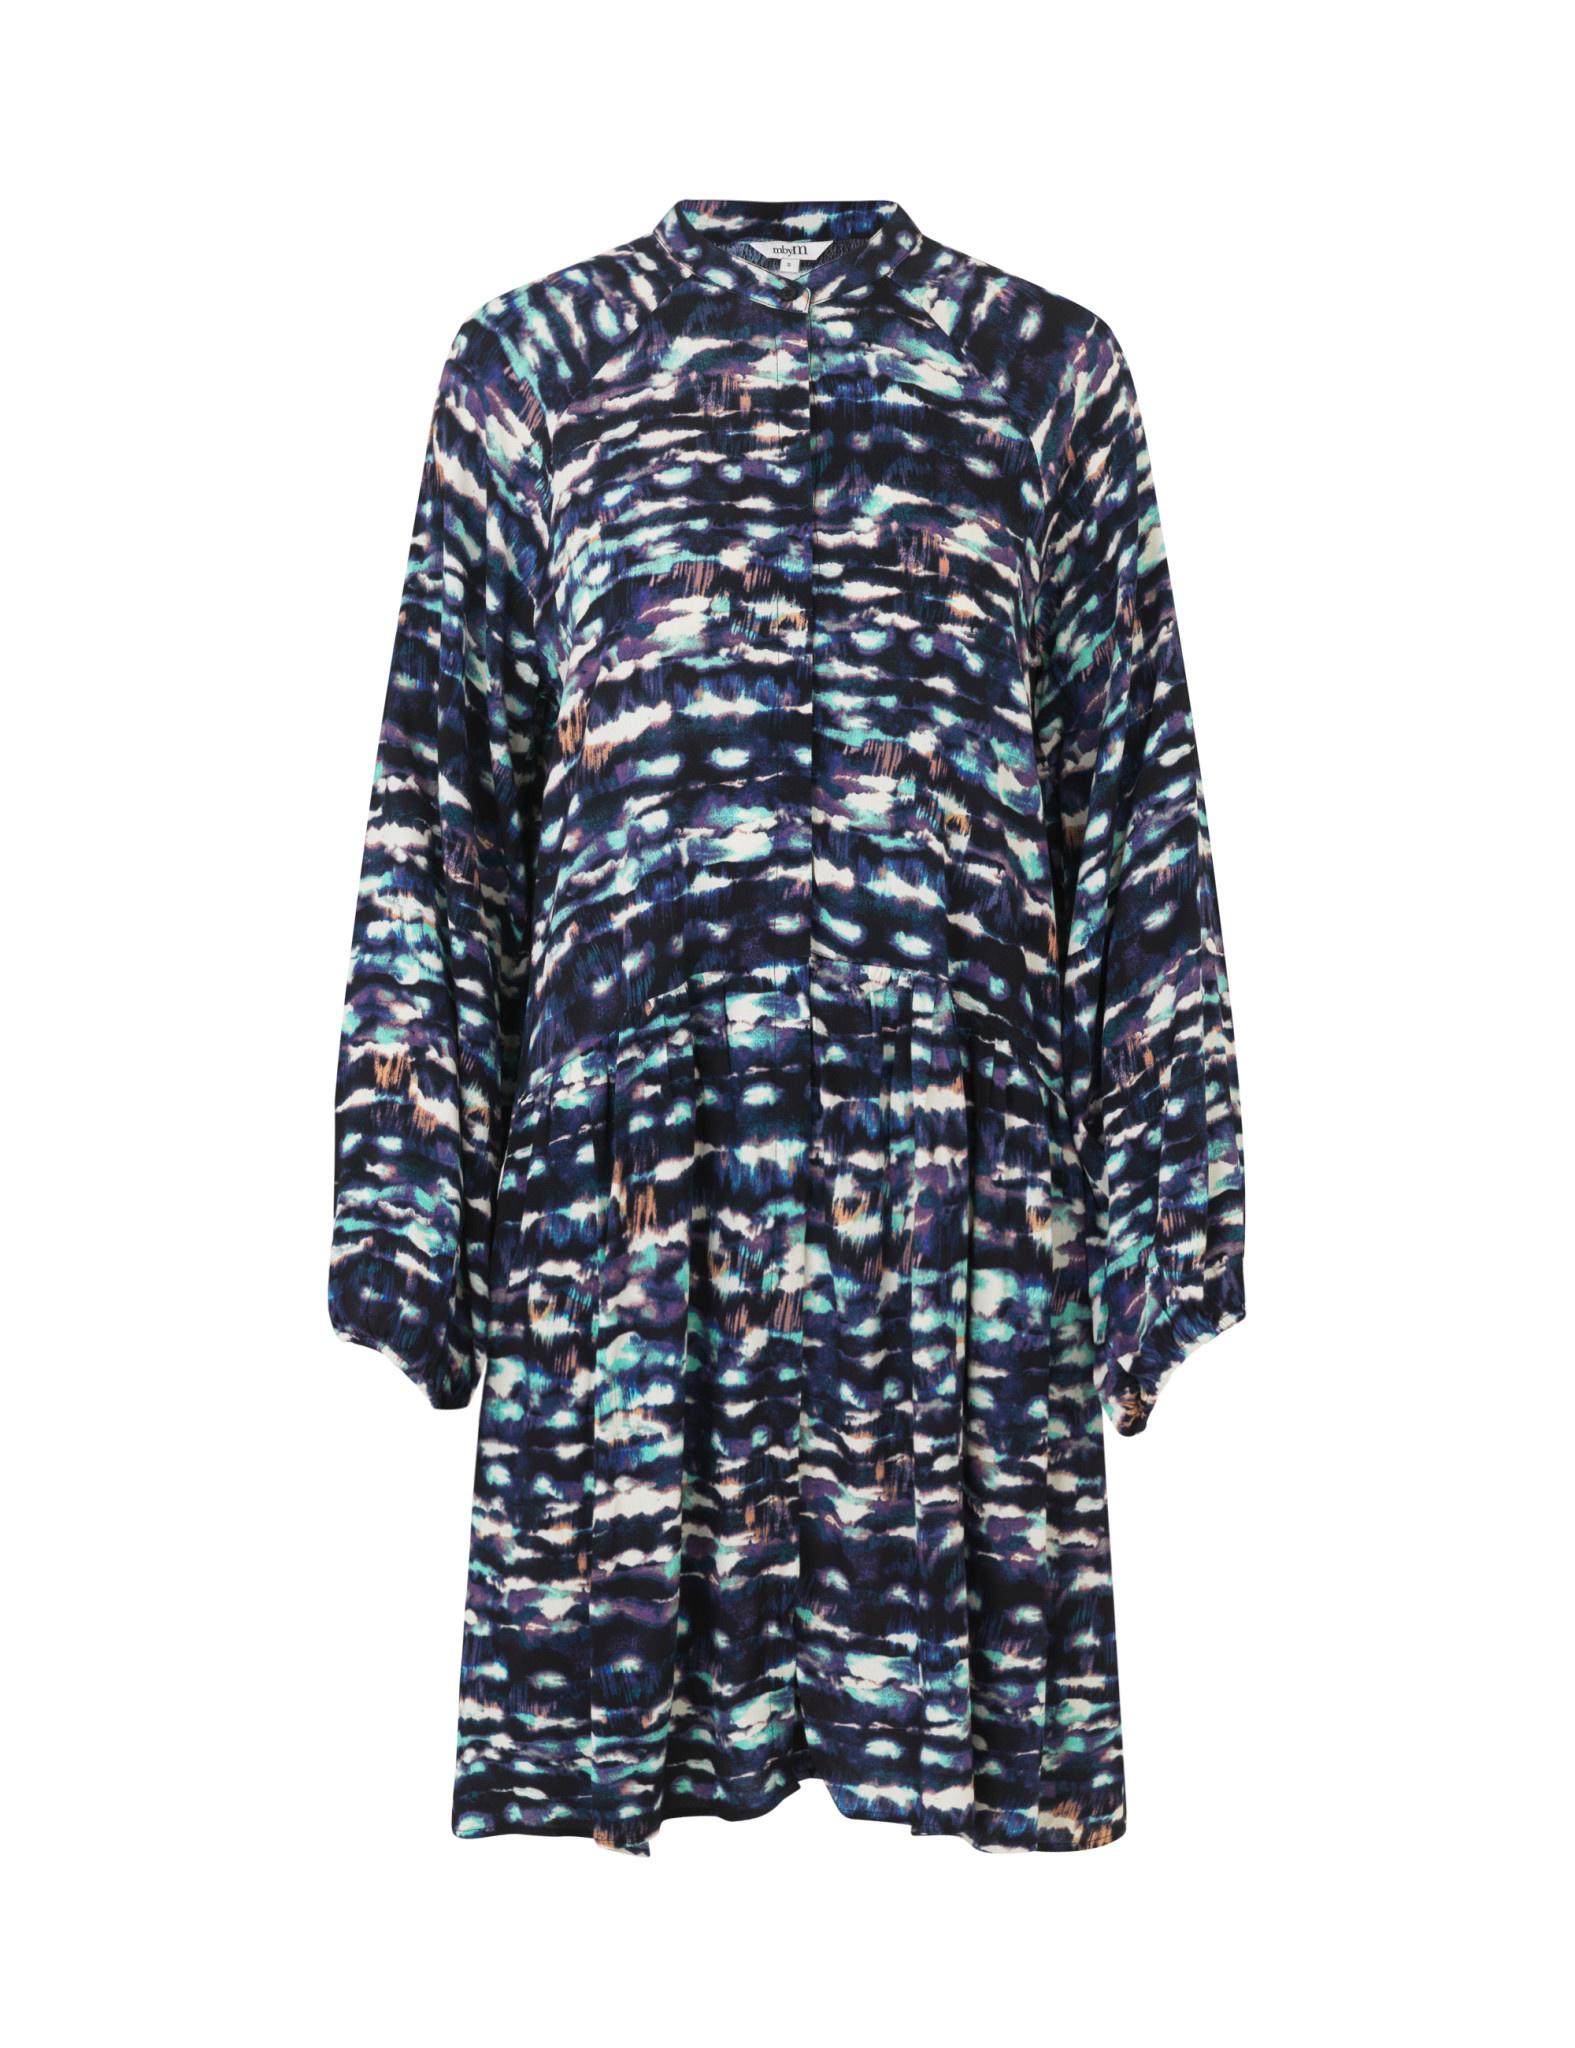 Mbym Mbym - Elula meeli print dress